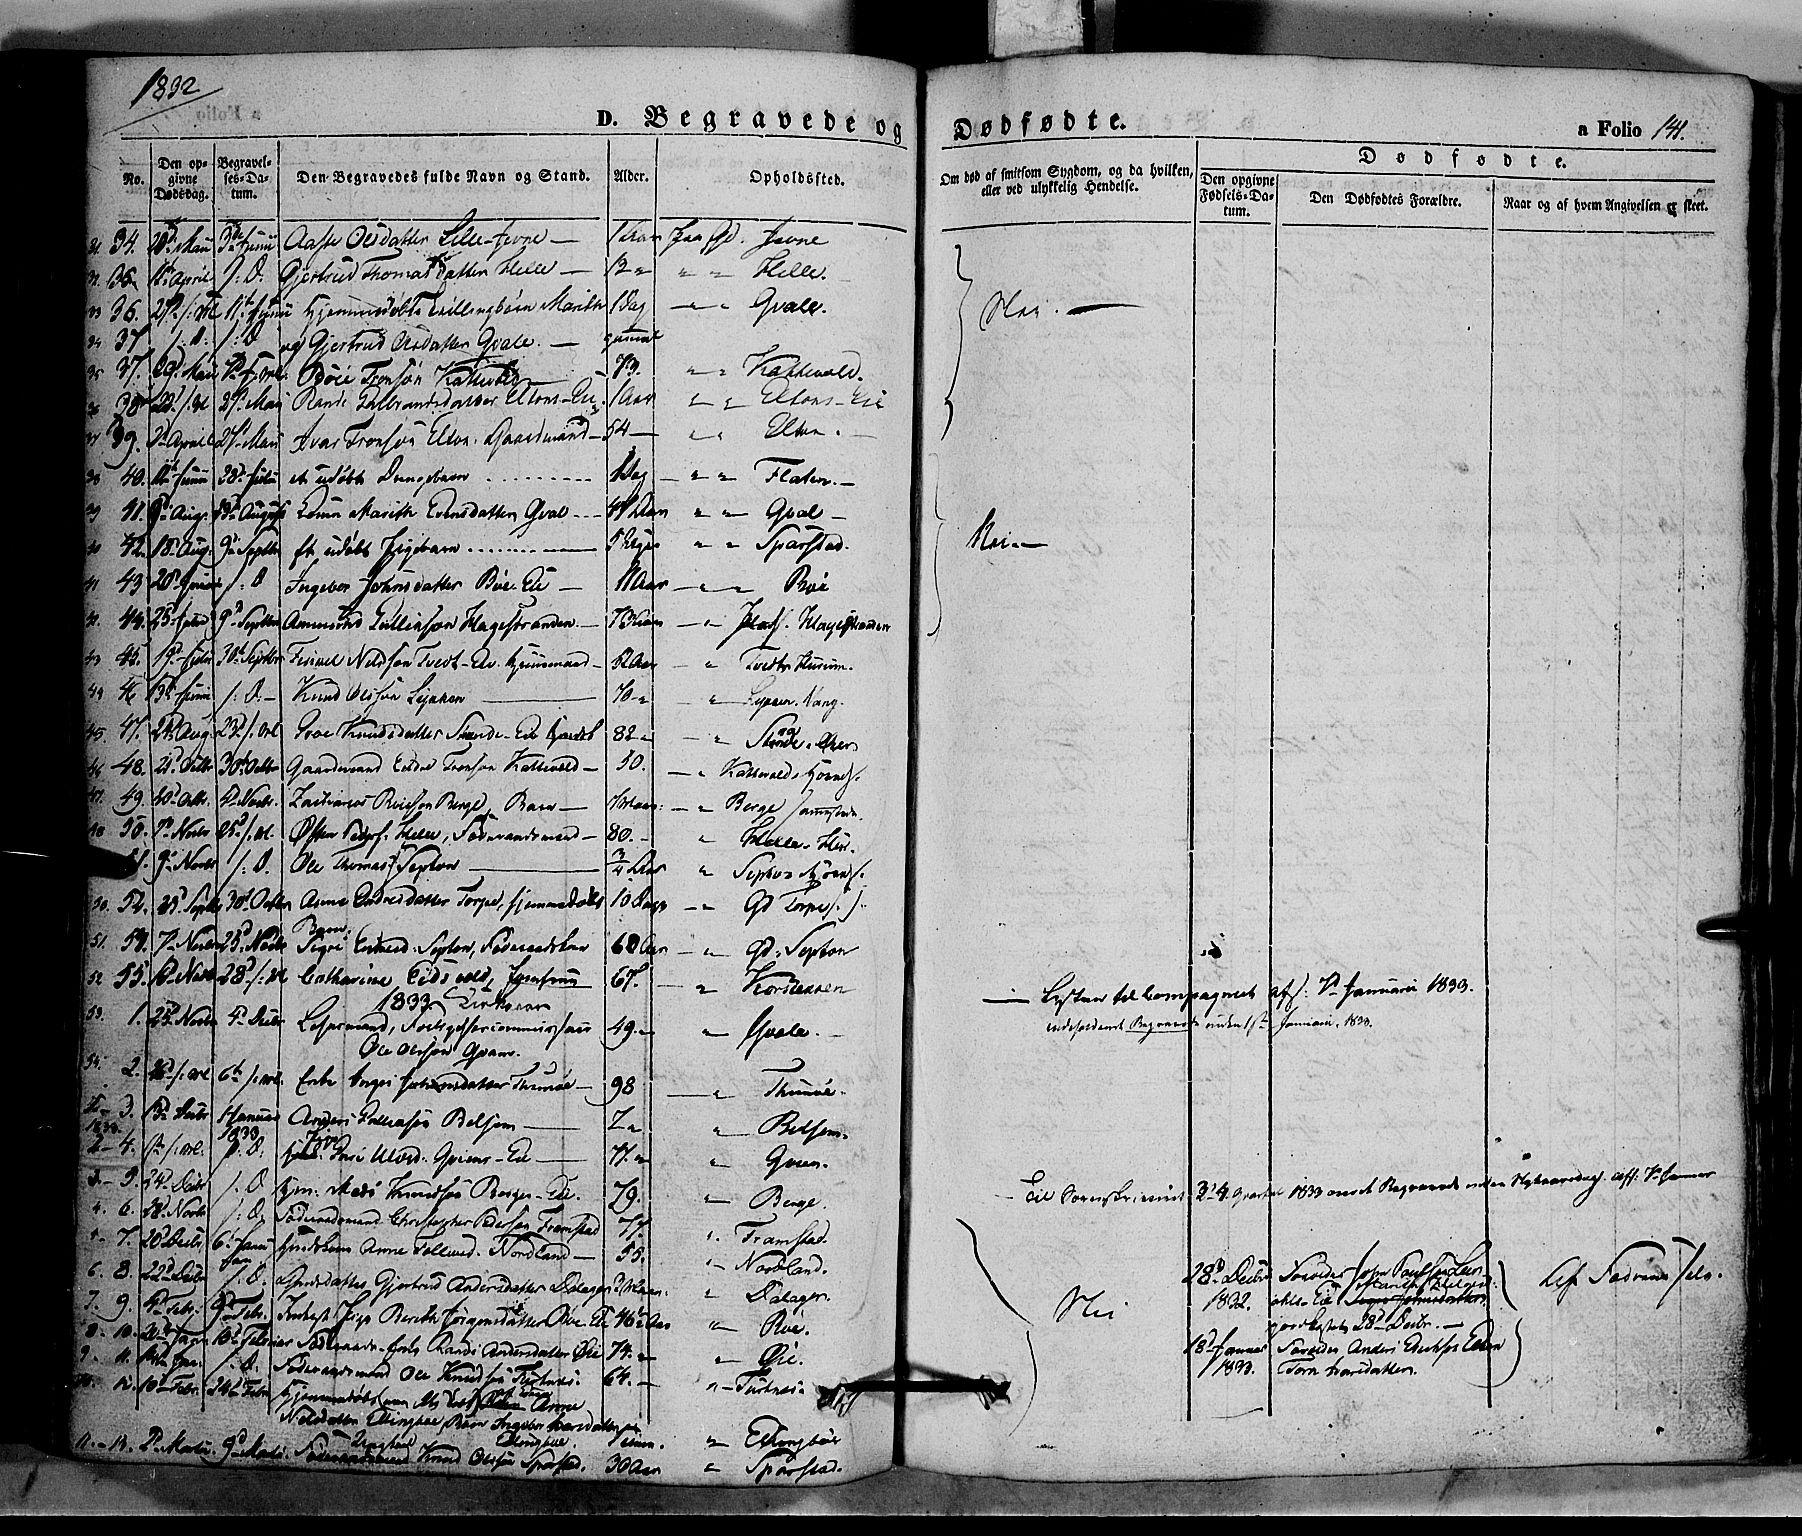 SAH, Vang prestekontor, Valdres, Ministerialbok nr. 5, 1831-1845, s. 141